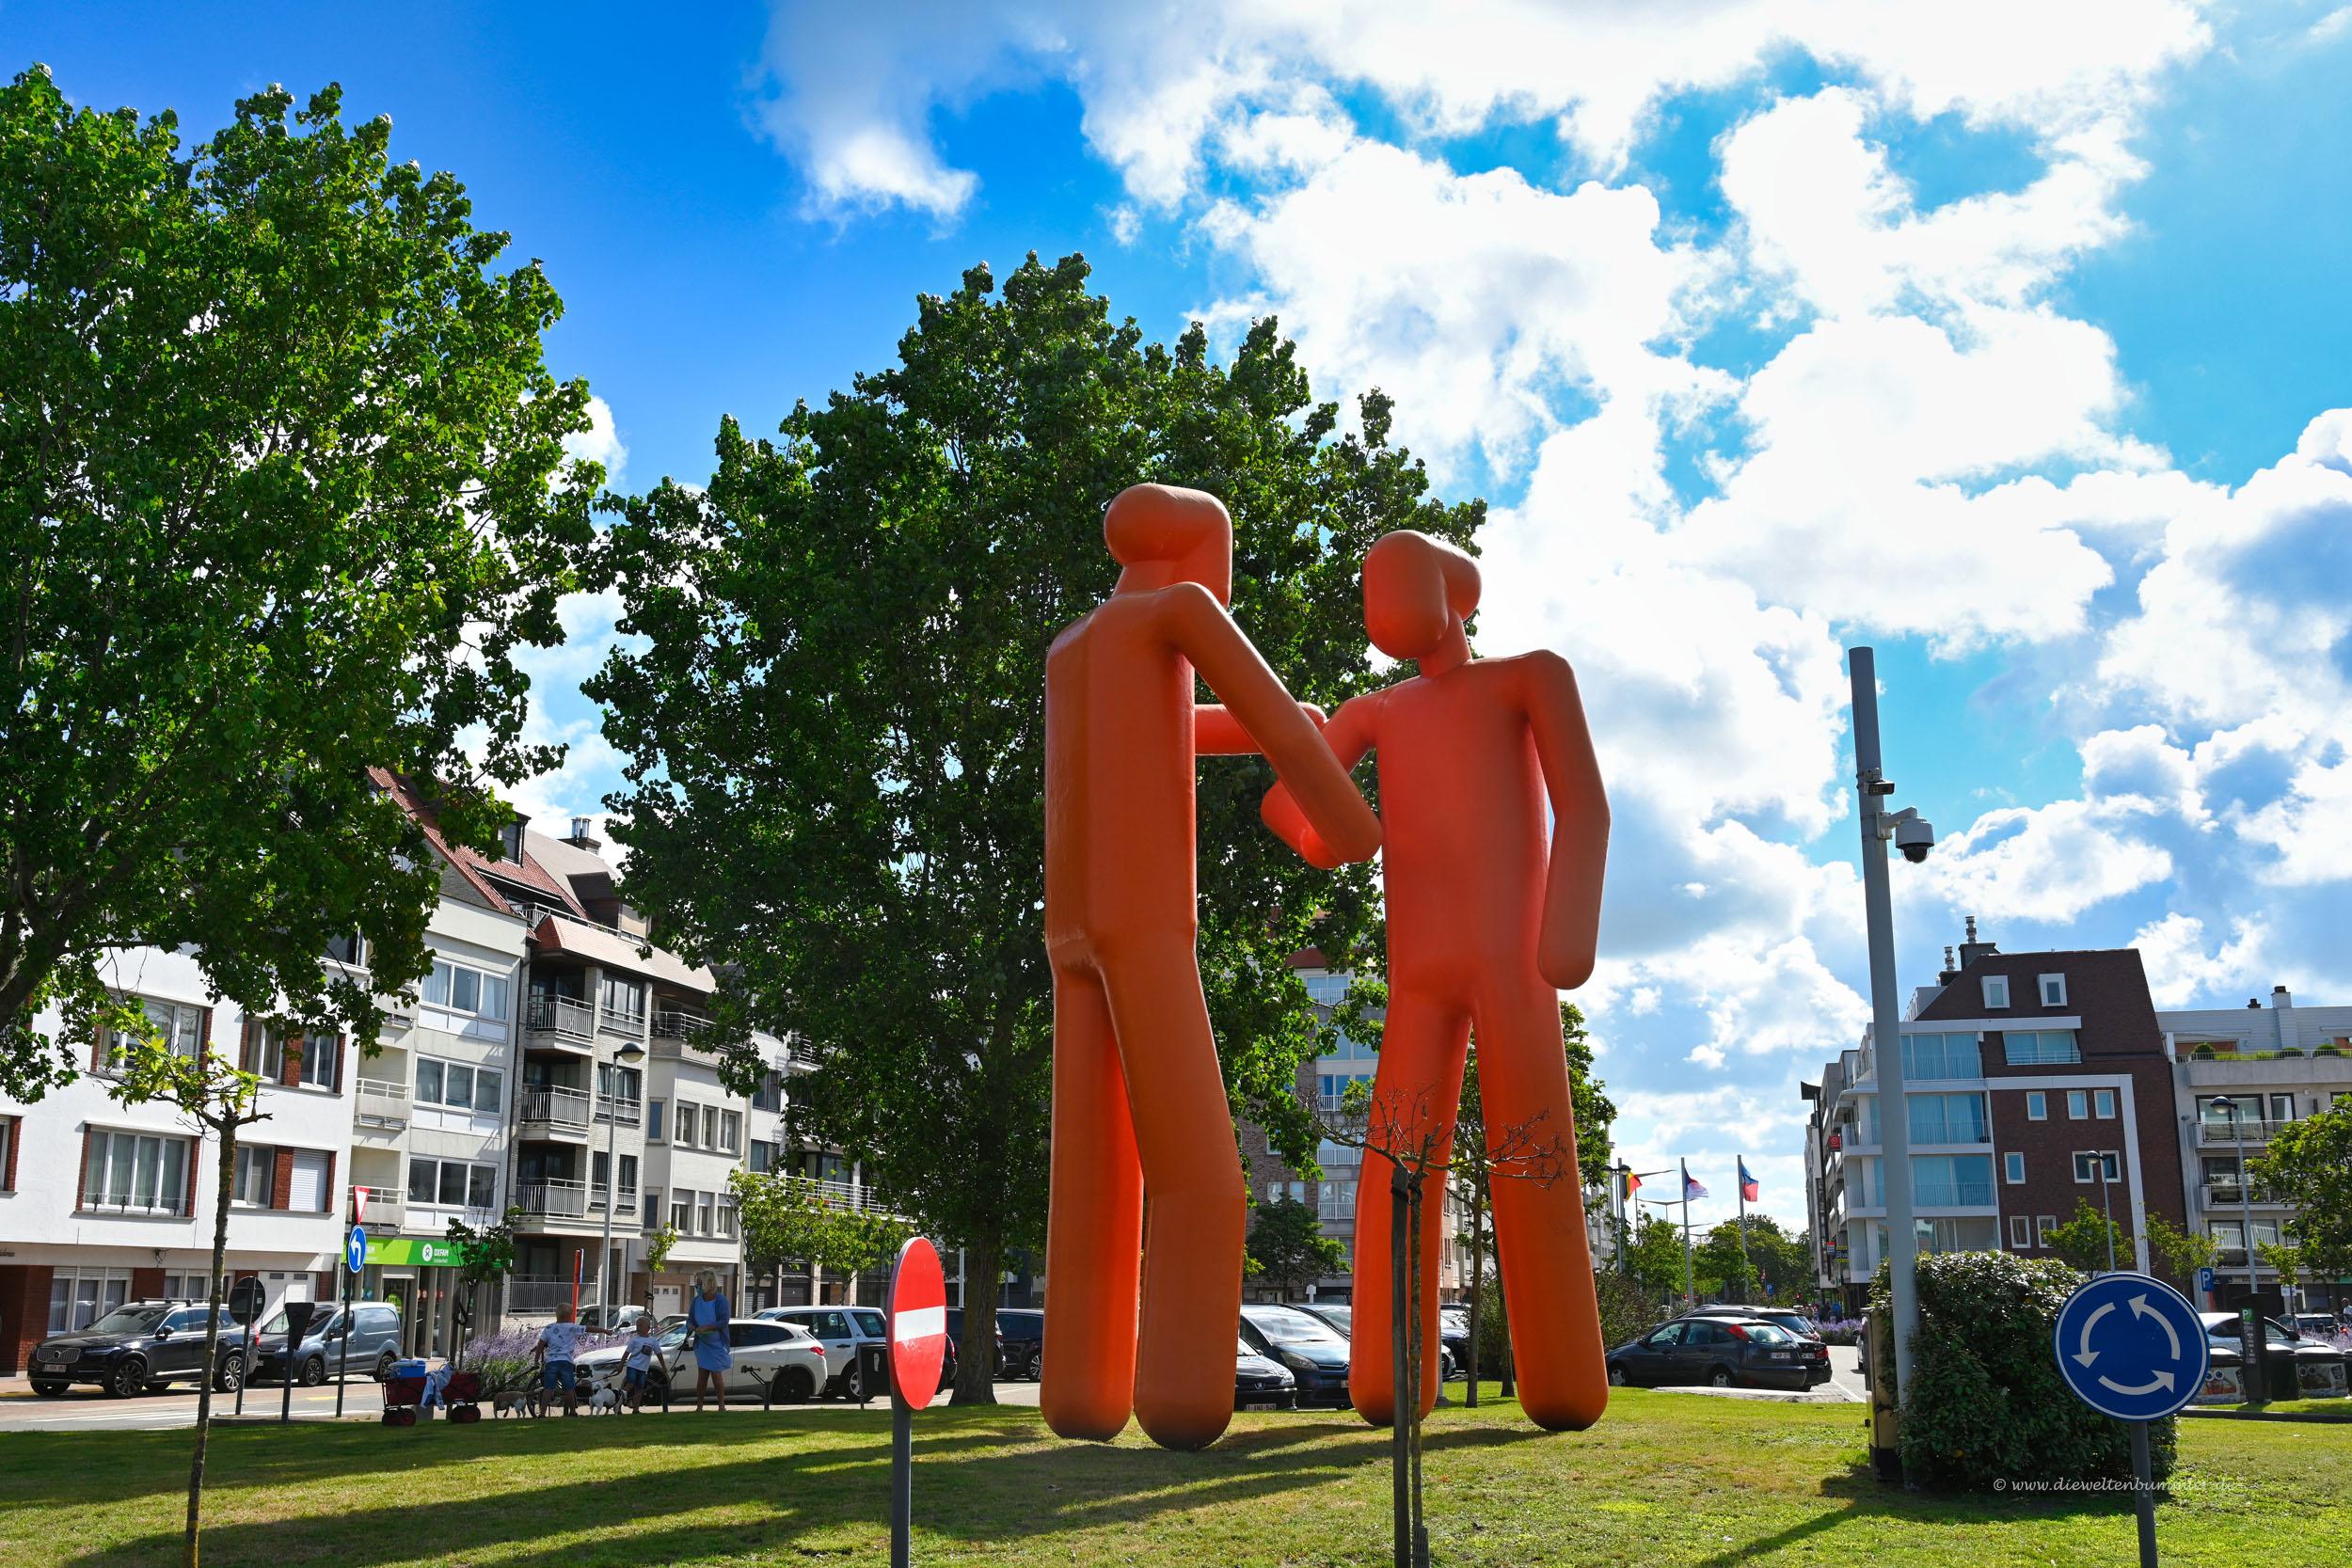 Kreisverkehr in Knokke